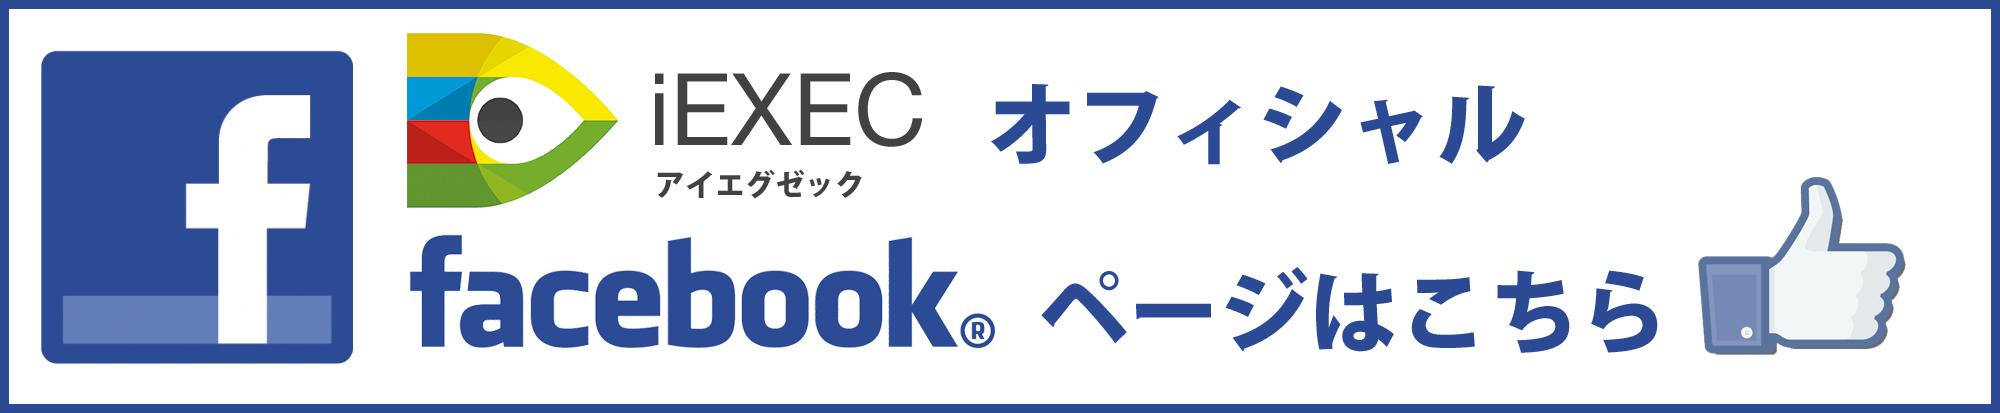 facebookpage_shokai_iexec